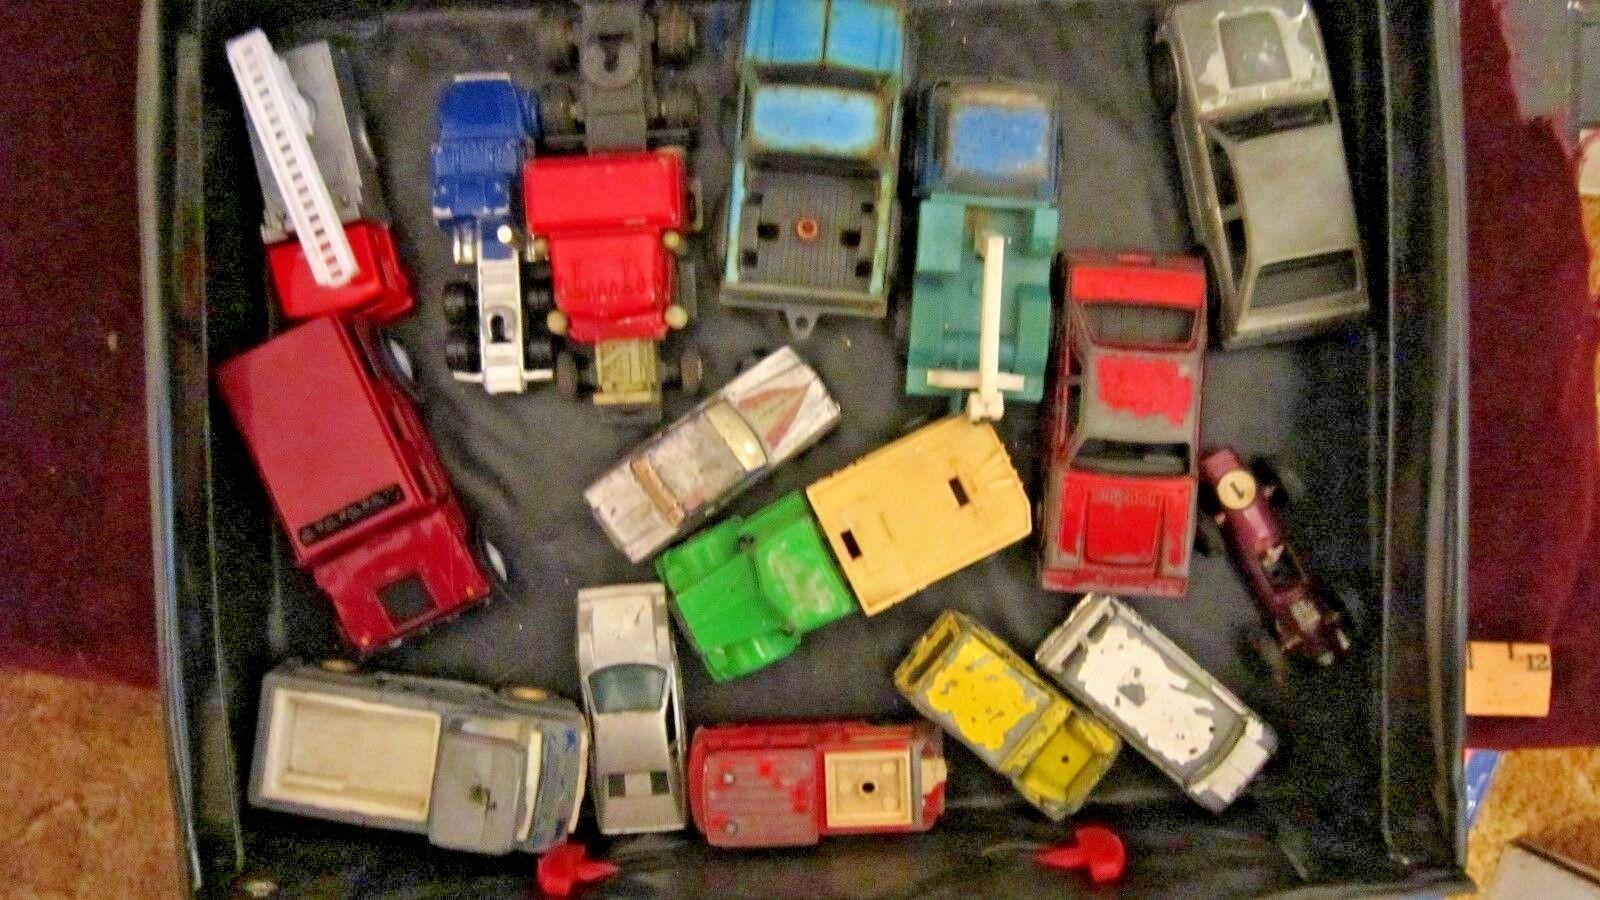 Descuento del 70% barato Vintage Fast Lane 48 coche caso caso caso 1990 con 13 coches y las instrucciones de Hot Wheels  Entrega gratuita y rápida disponible.